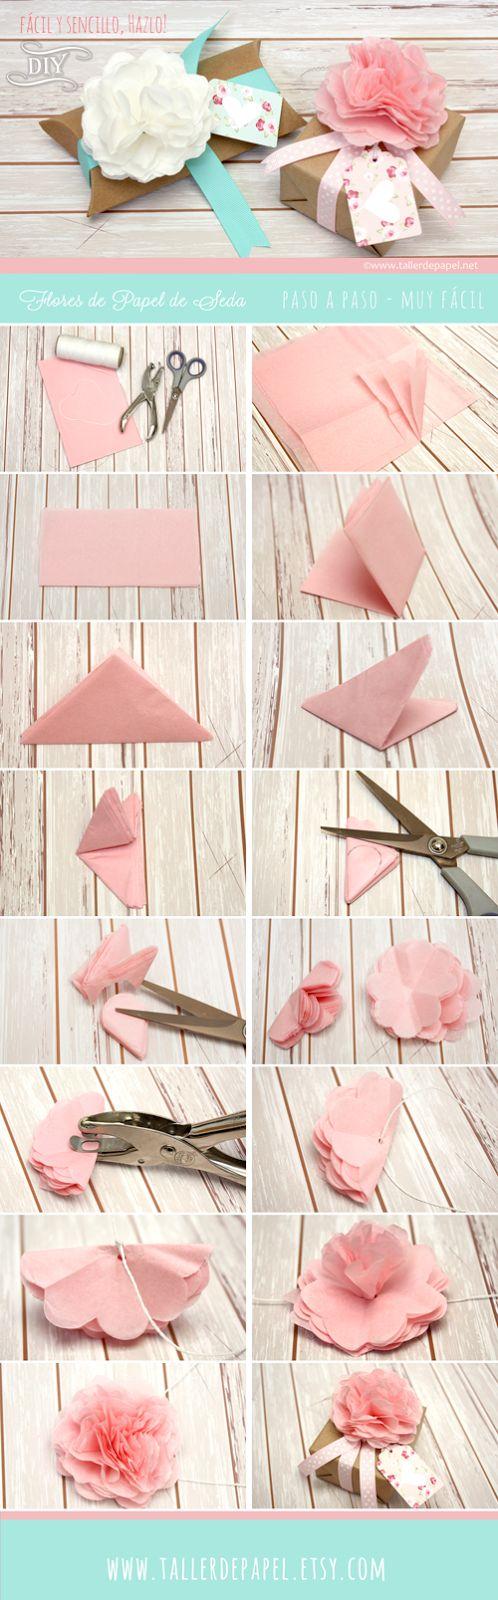 Tutorial para hacer de un empaque común, algo inolvidable. Sigue este tutorial y has esta hermosa flor para dar ese toque especial y único a un regalo muy especial! www.tallerdepapel.net: